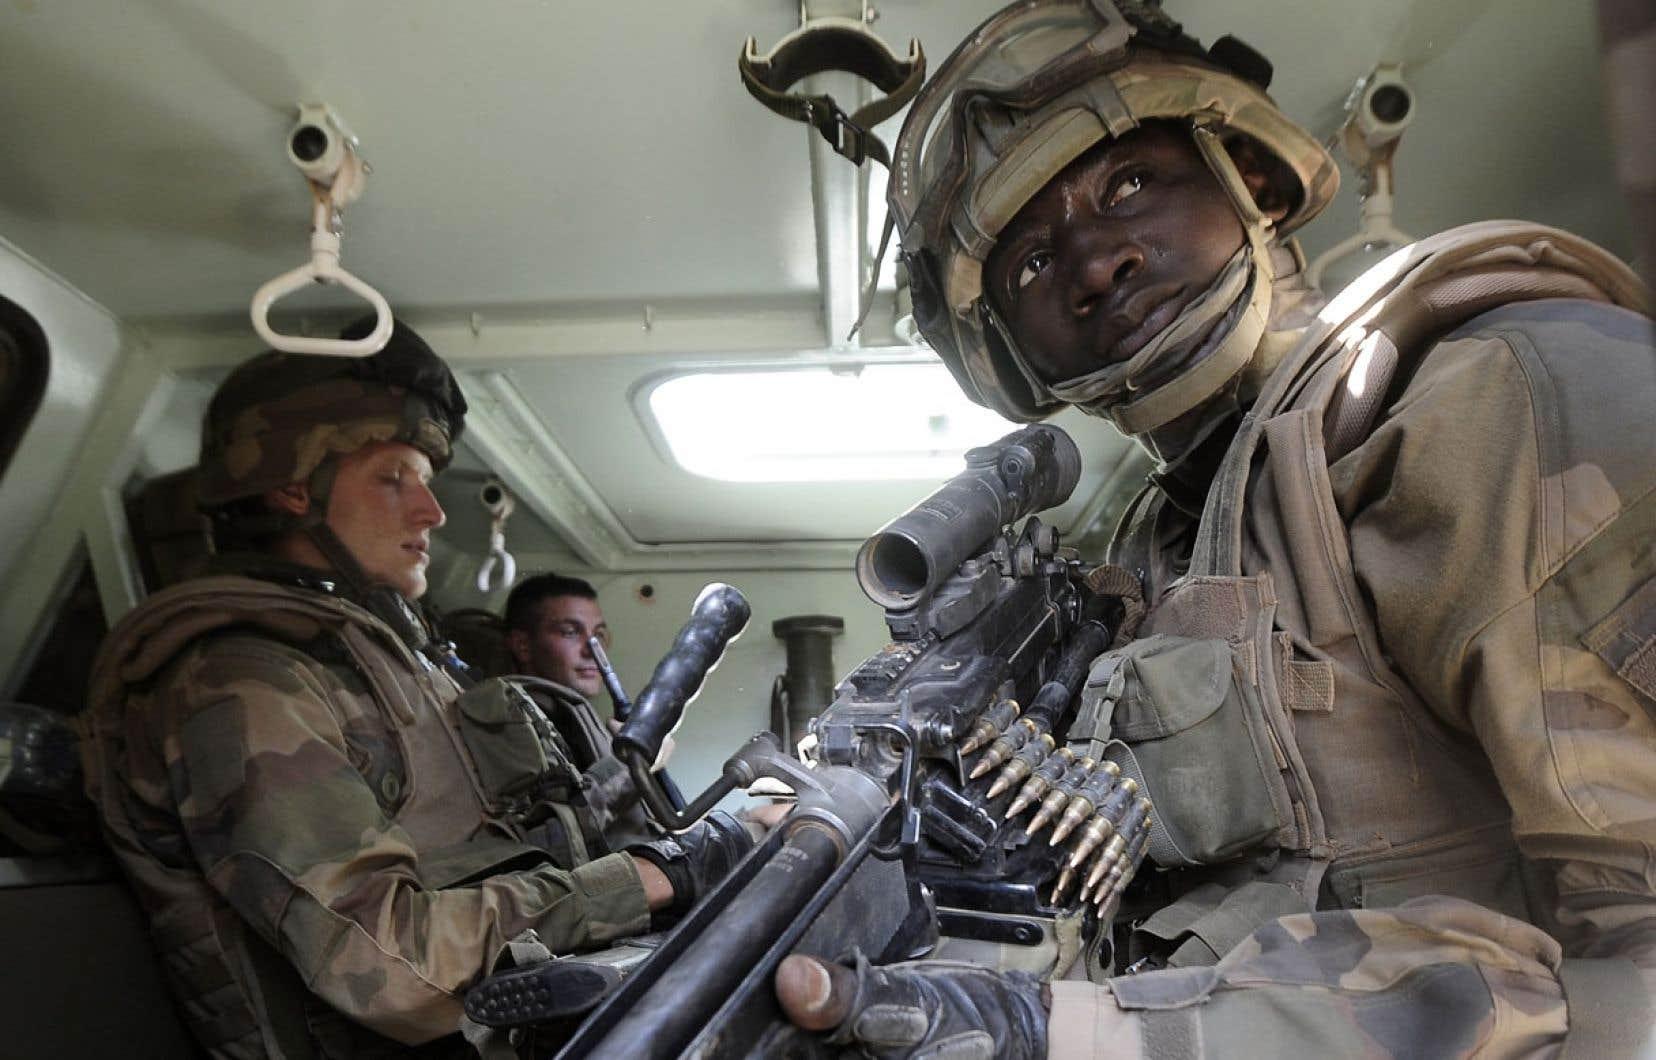 Des soldats patrouillent à Gao, au Mali. Les conflits armés en Afrique font toujours directement et indirectement des milliers de victimes. Les guerres tuent encore !